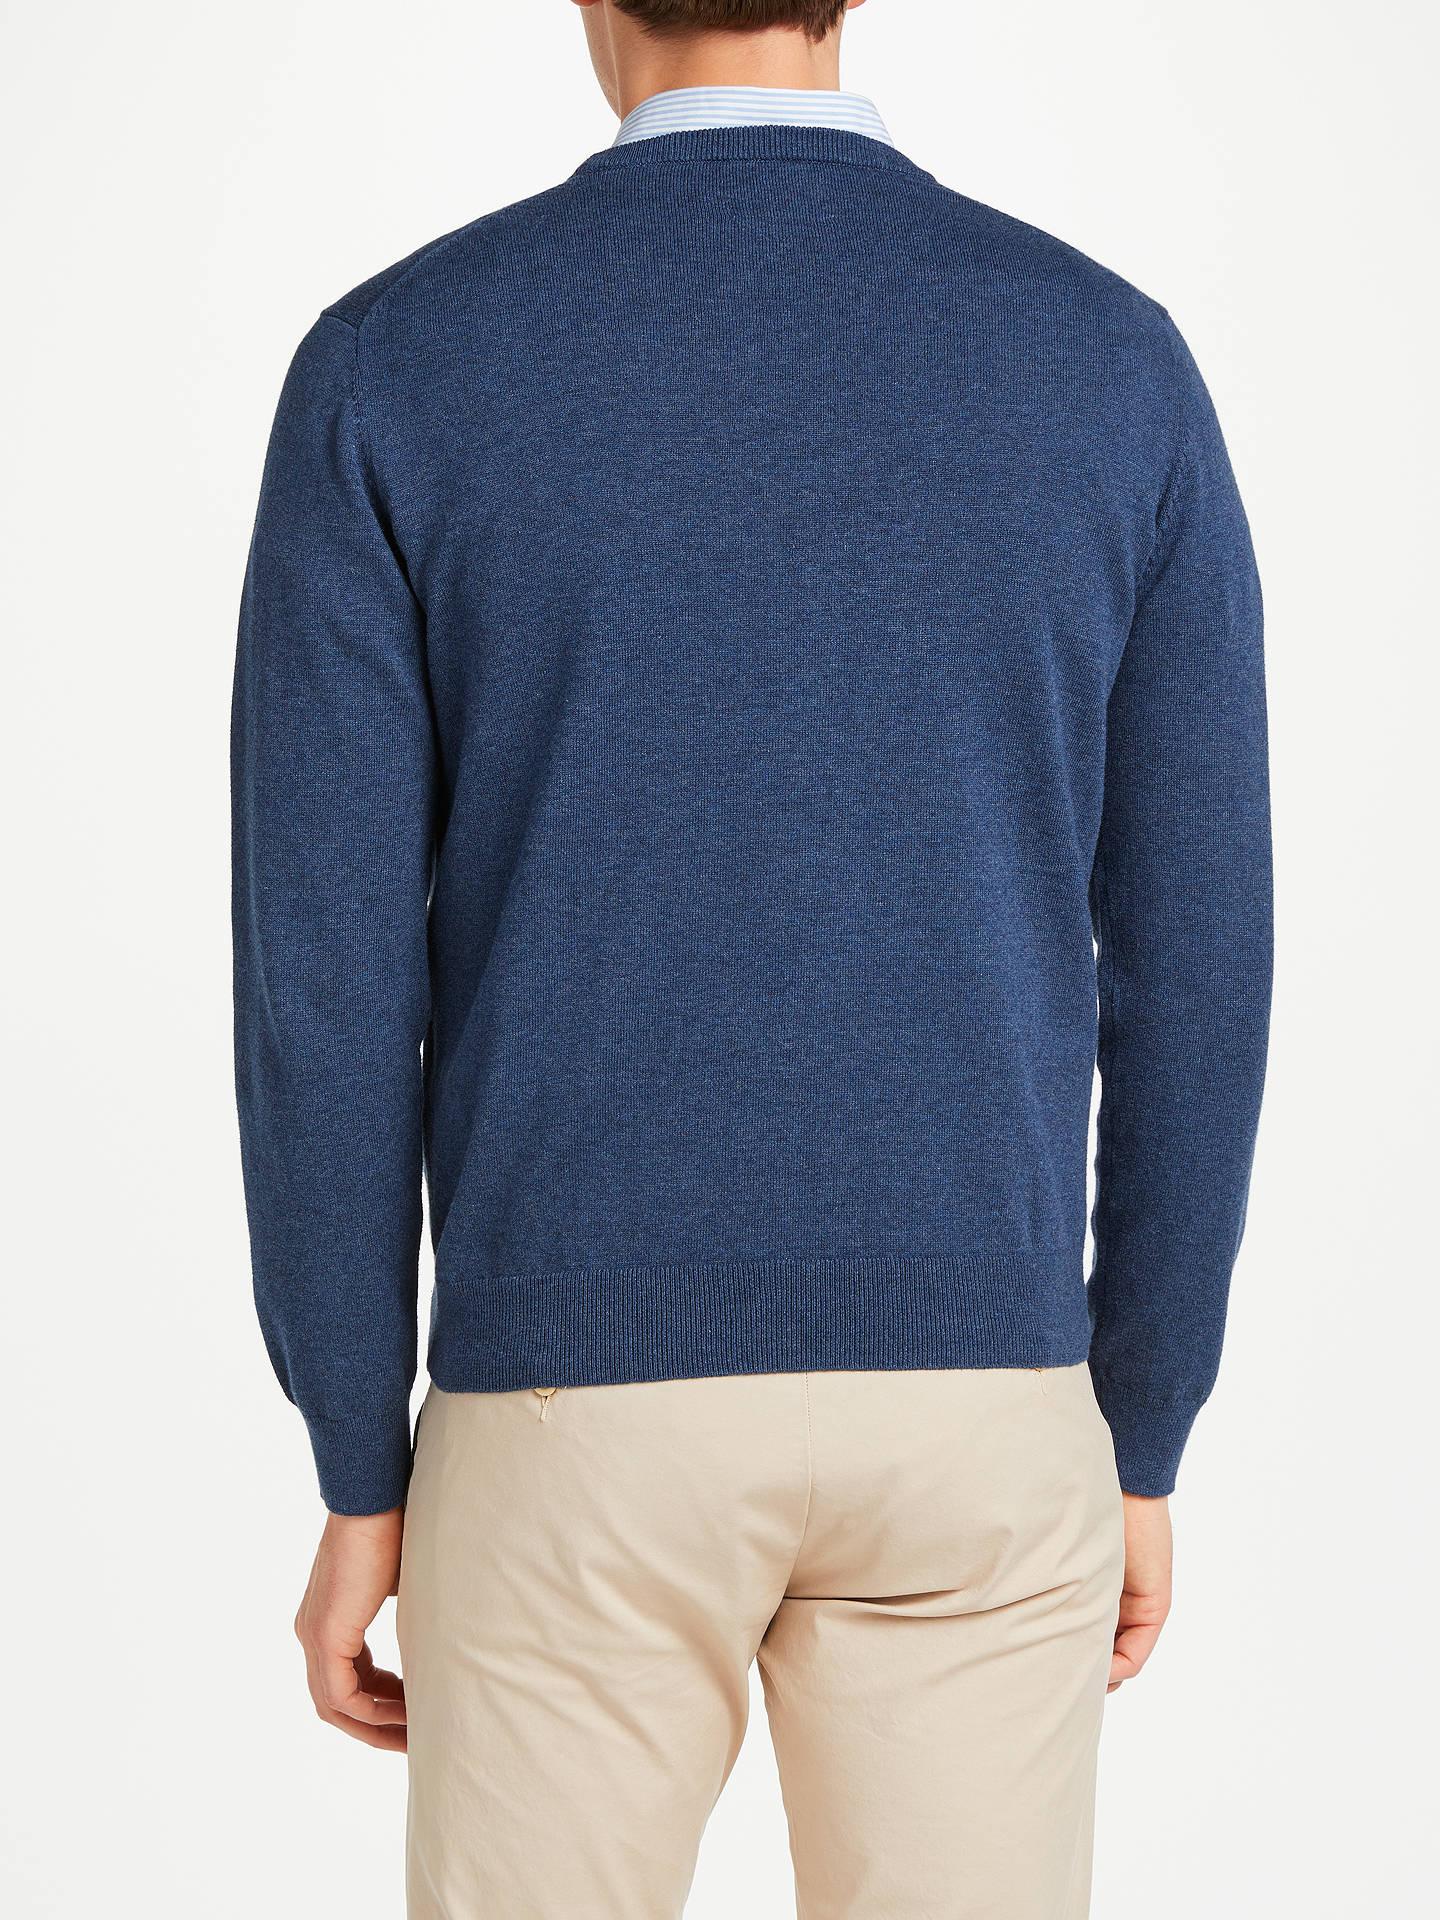 1a063a79f13b75 Buy GANT Lightweight Cotton Crew Neck Jumper, Dark Jeans Blue, M Online at  johnlewis ...